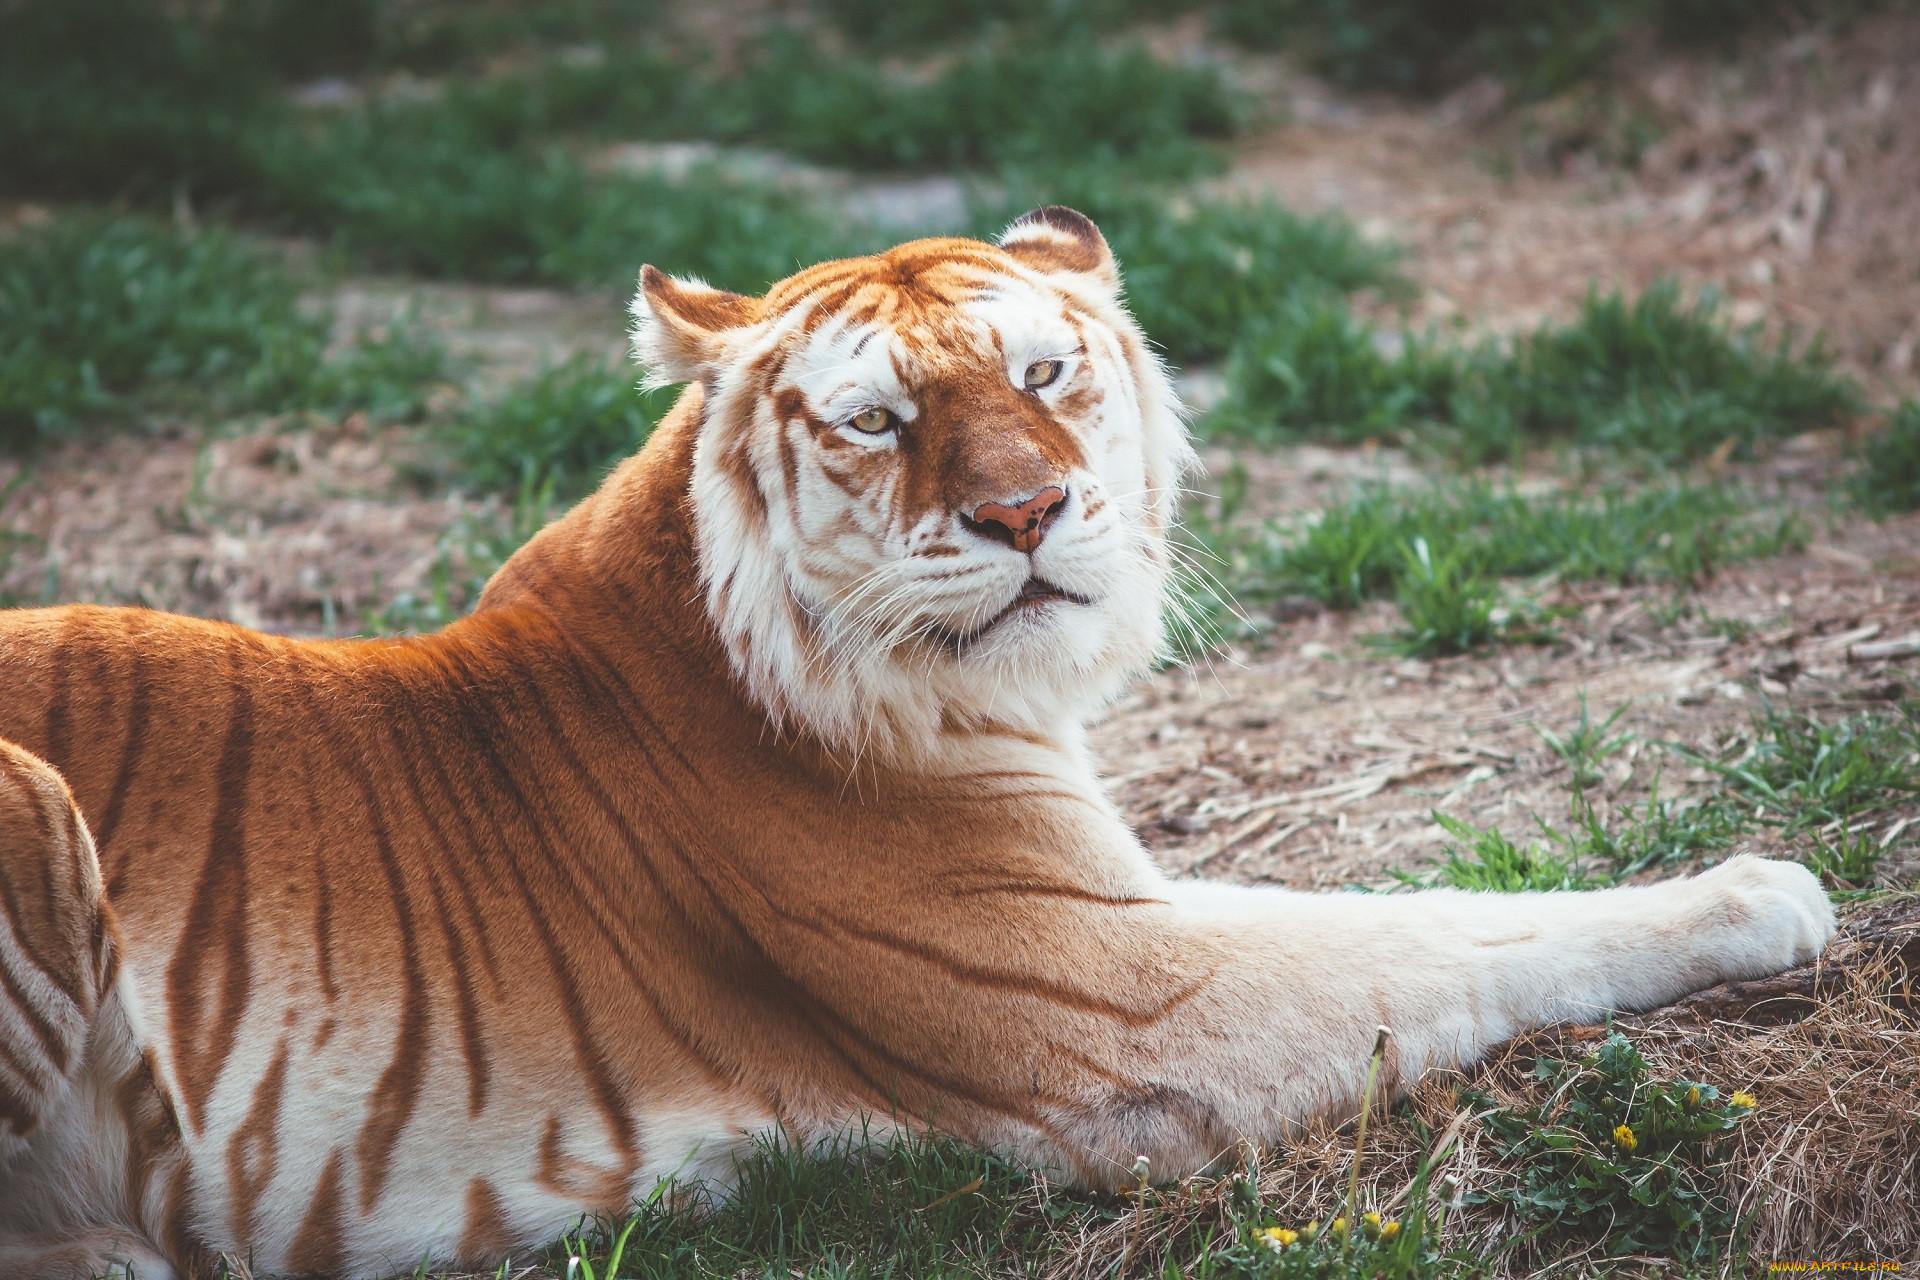 Картинка самого редкого животного